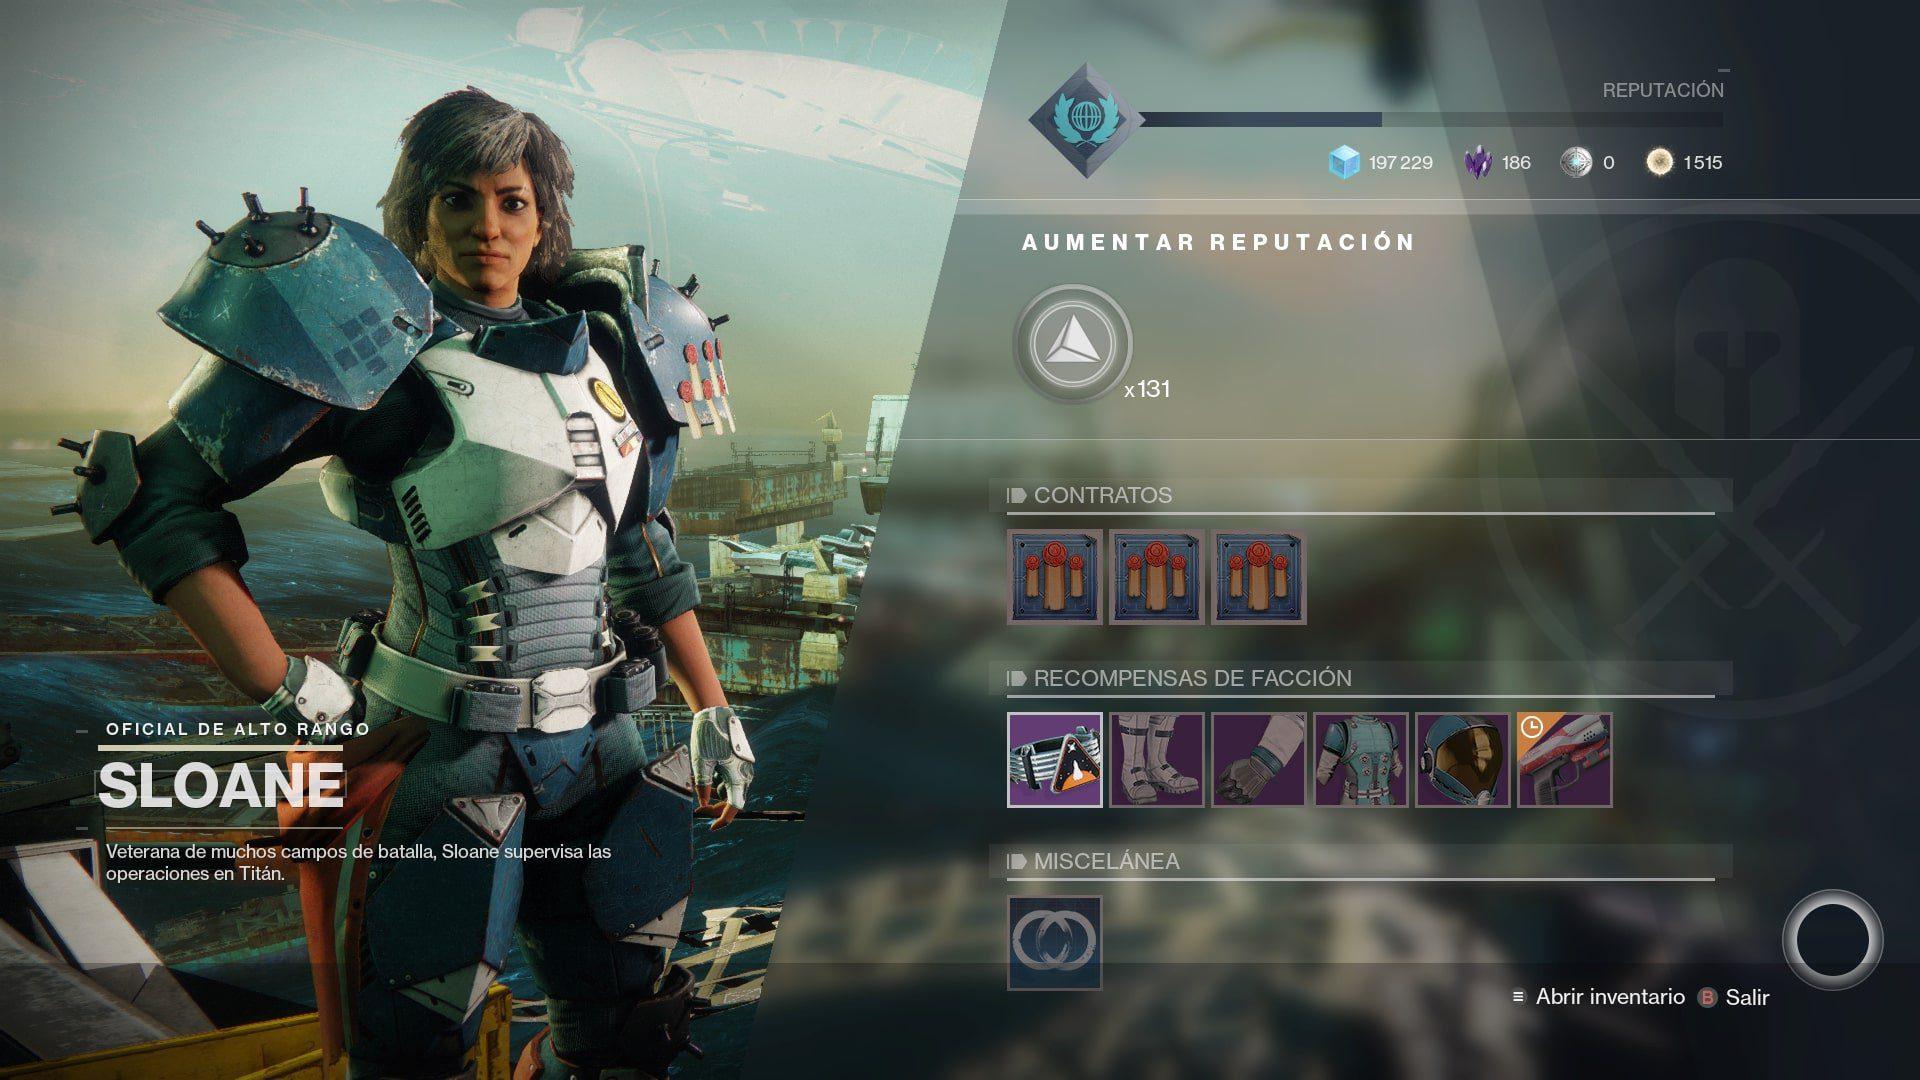 Estas son las novedades de esta semana en Destiny 2 - Reinicio del 5 de noviembre